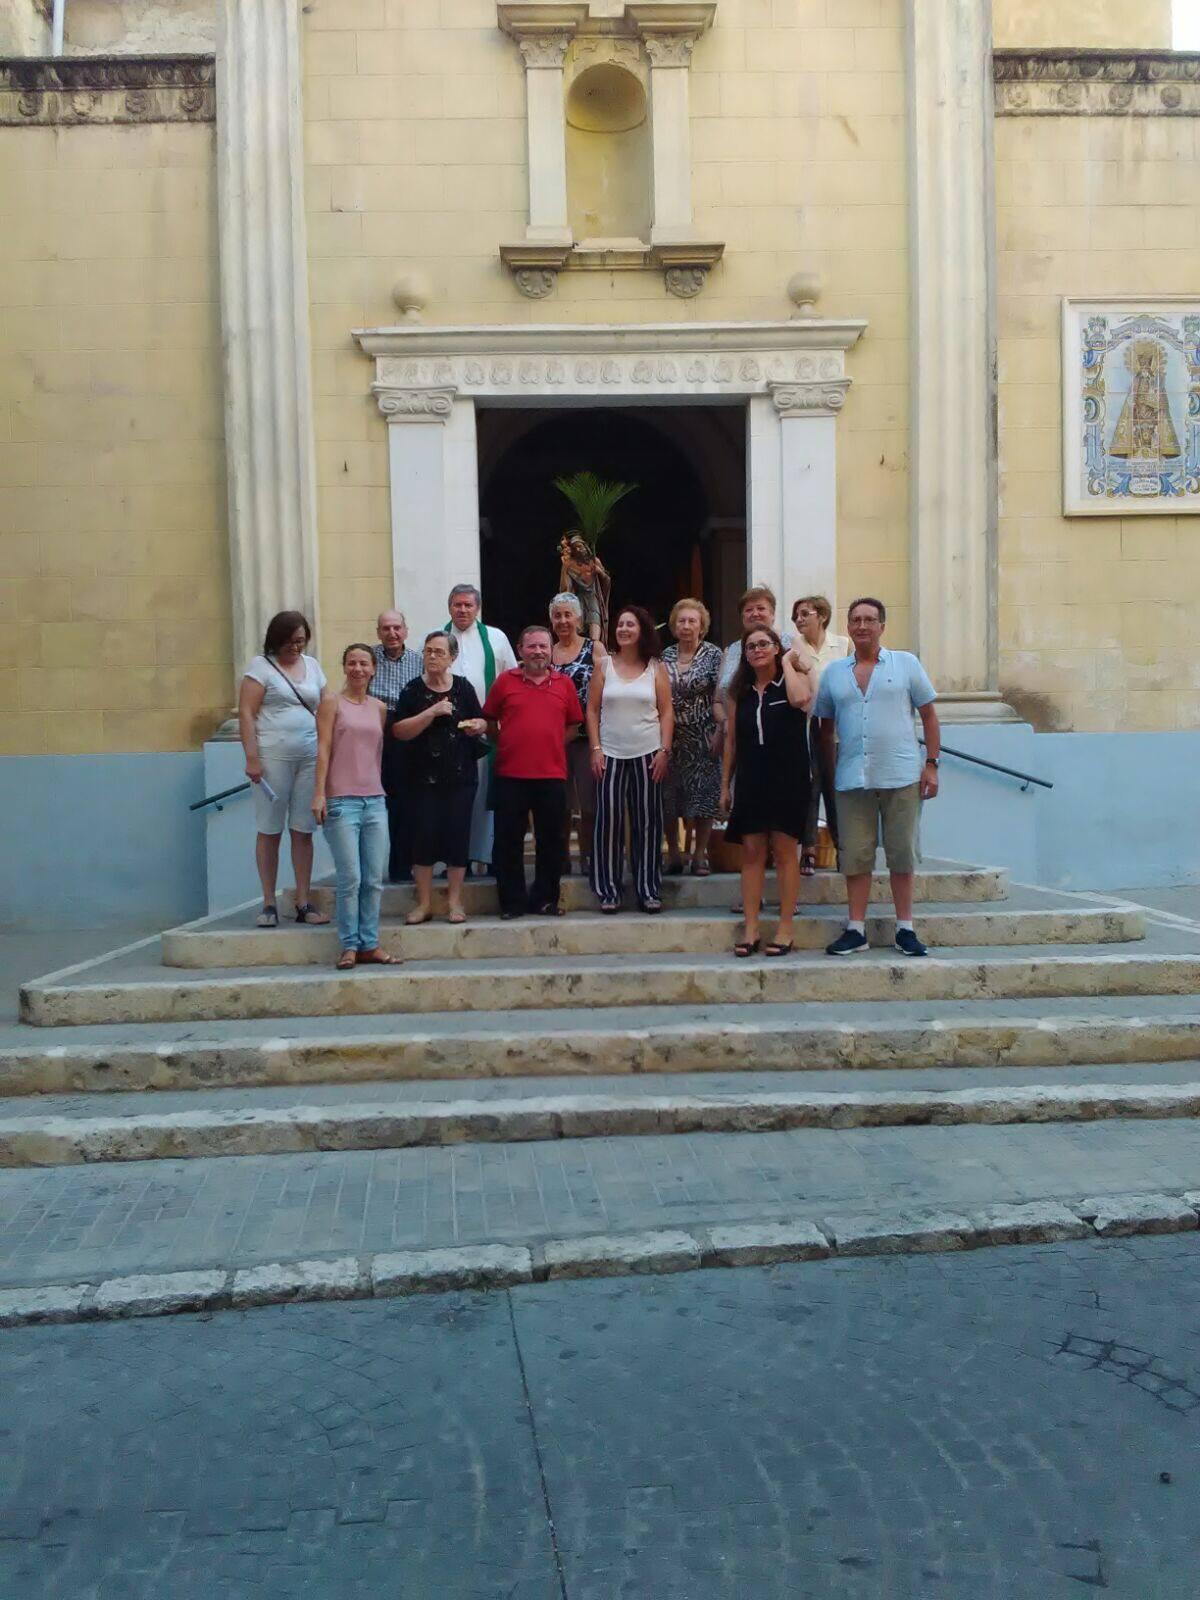 Celebració de Sant Cristòfol a La Llosa de Ranes